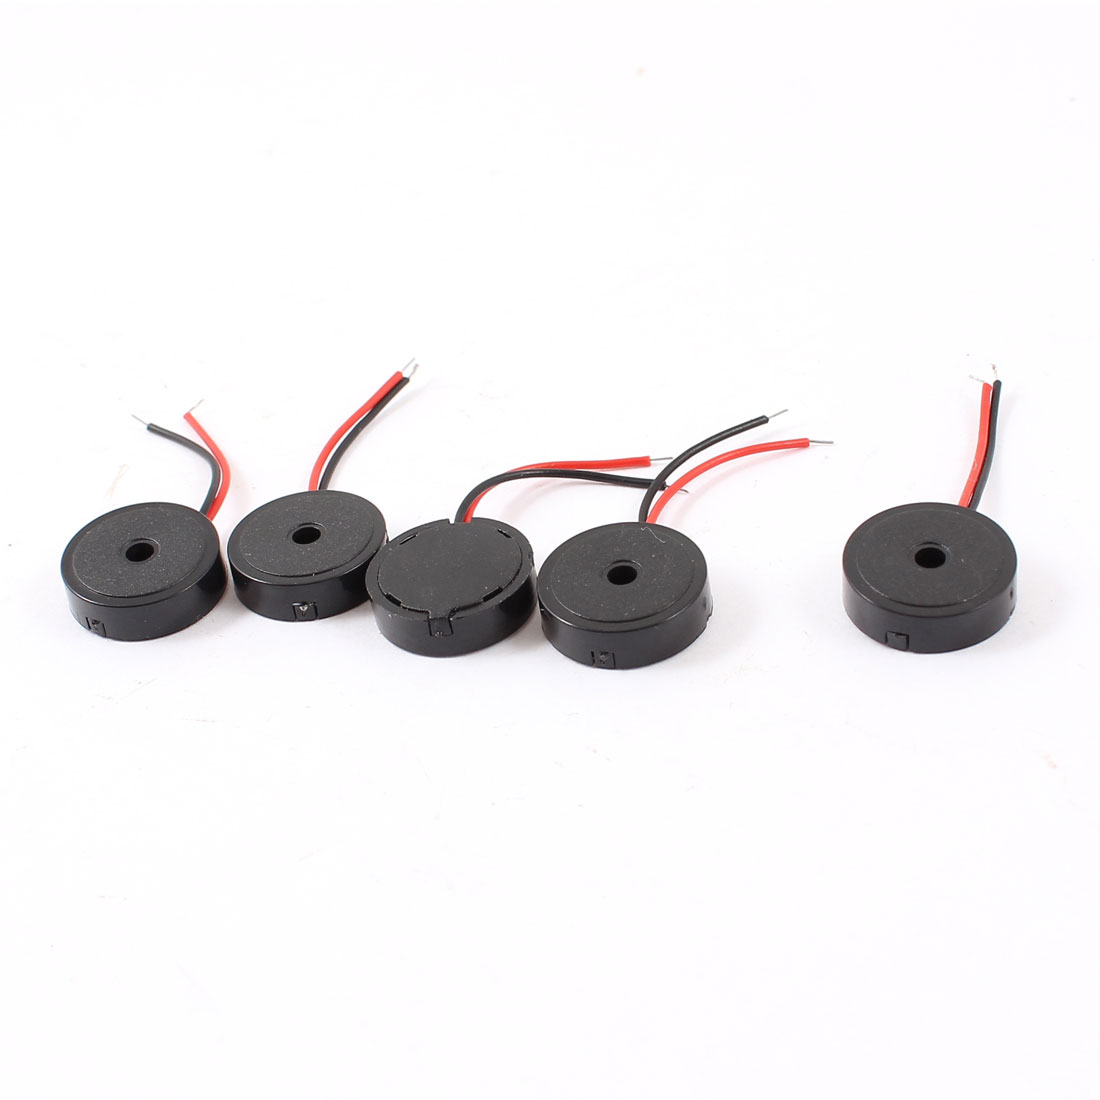 5 Pcs DC 12V 80dB Industrial Continuous Sound Passive Electronic Buzzer Alarm Passive Black